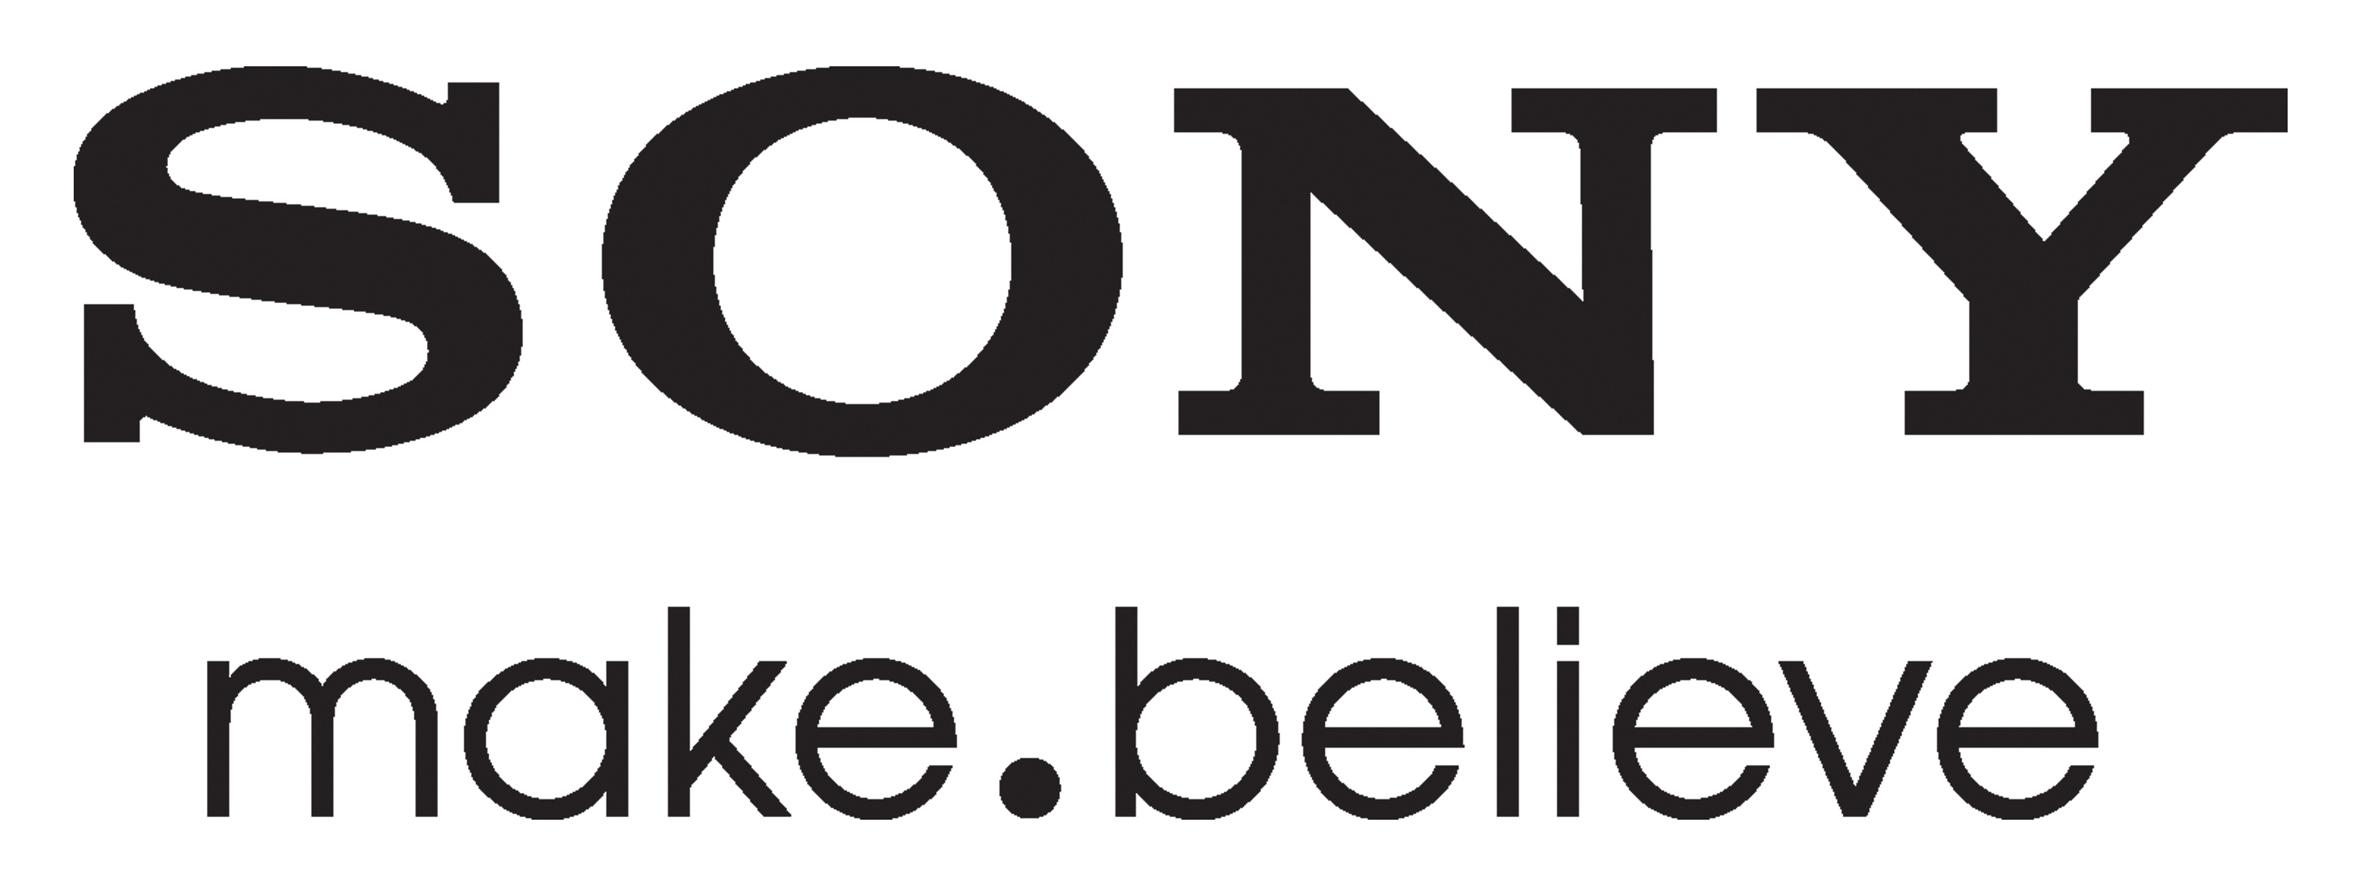 Microsoft : Sony pourrait arriver sur le marché des